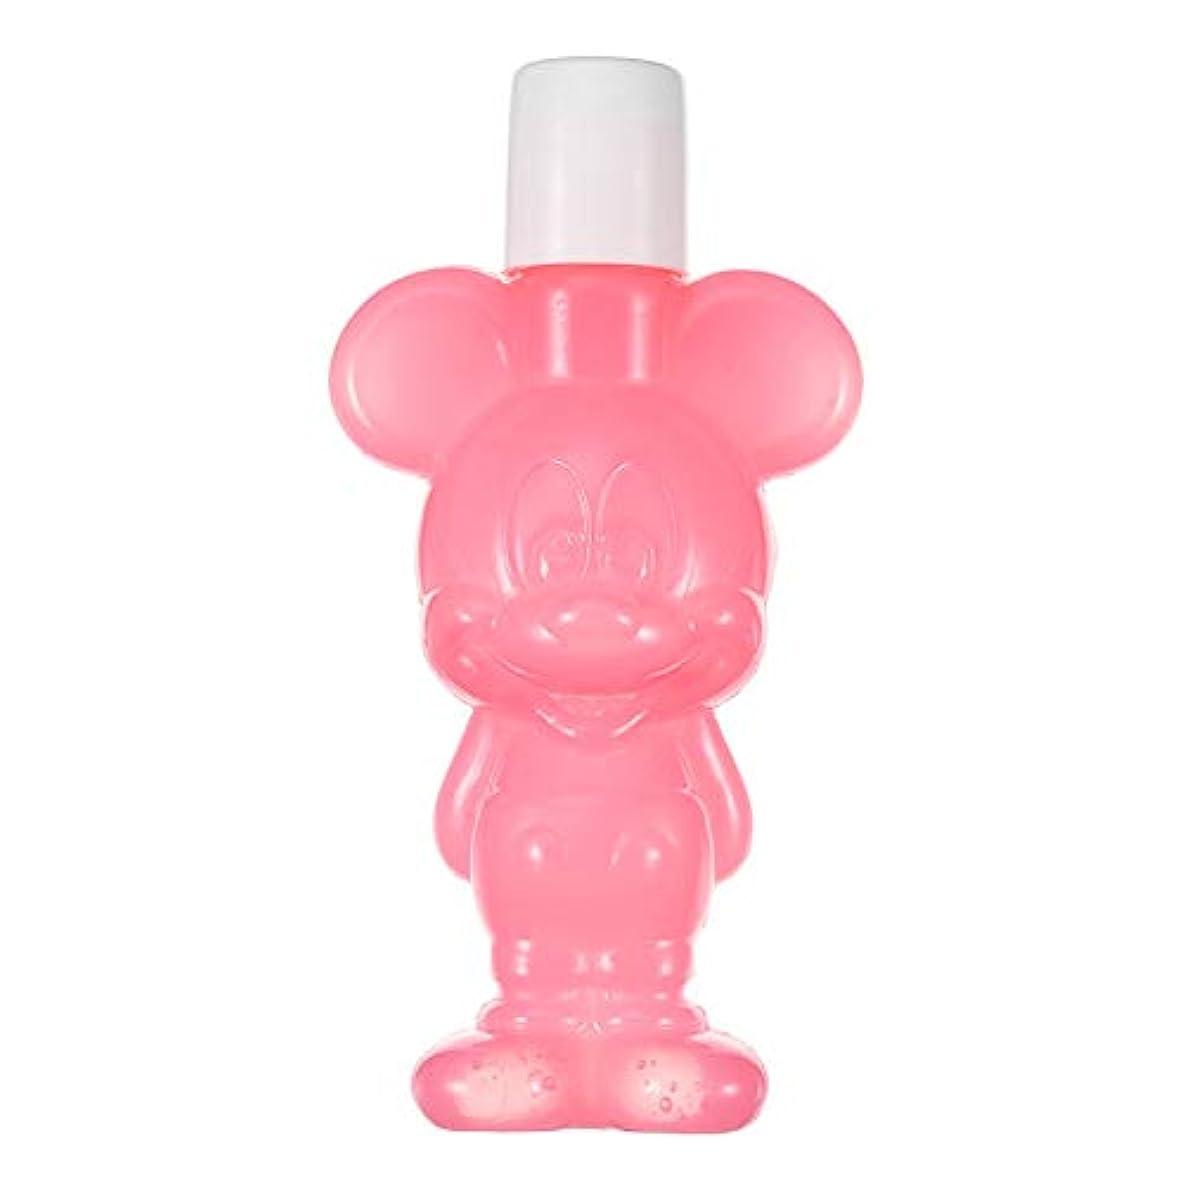 言い換えると伝導率管理しますディズニーストア(公式)保湿ジェル ミッキー ピンク Gummy Candy Cosme